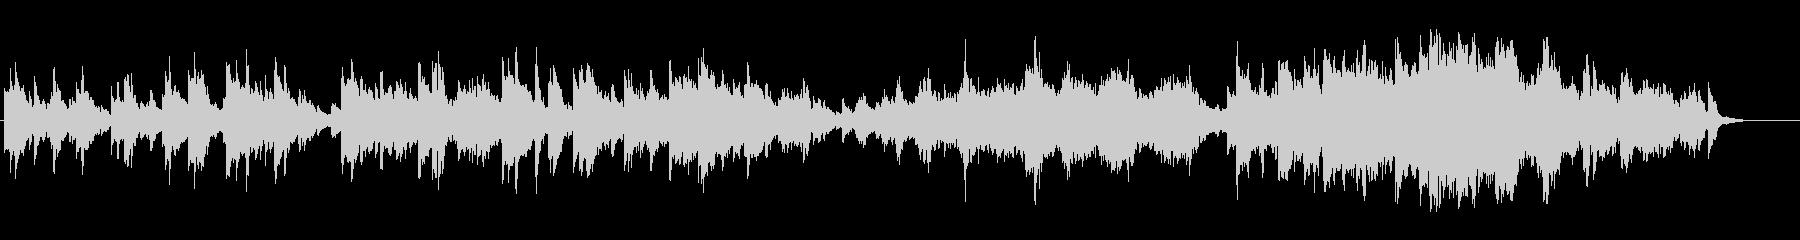 アンニュイなピアノのアンビ系バラードの未再生の波形